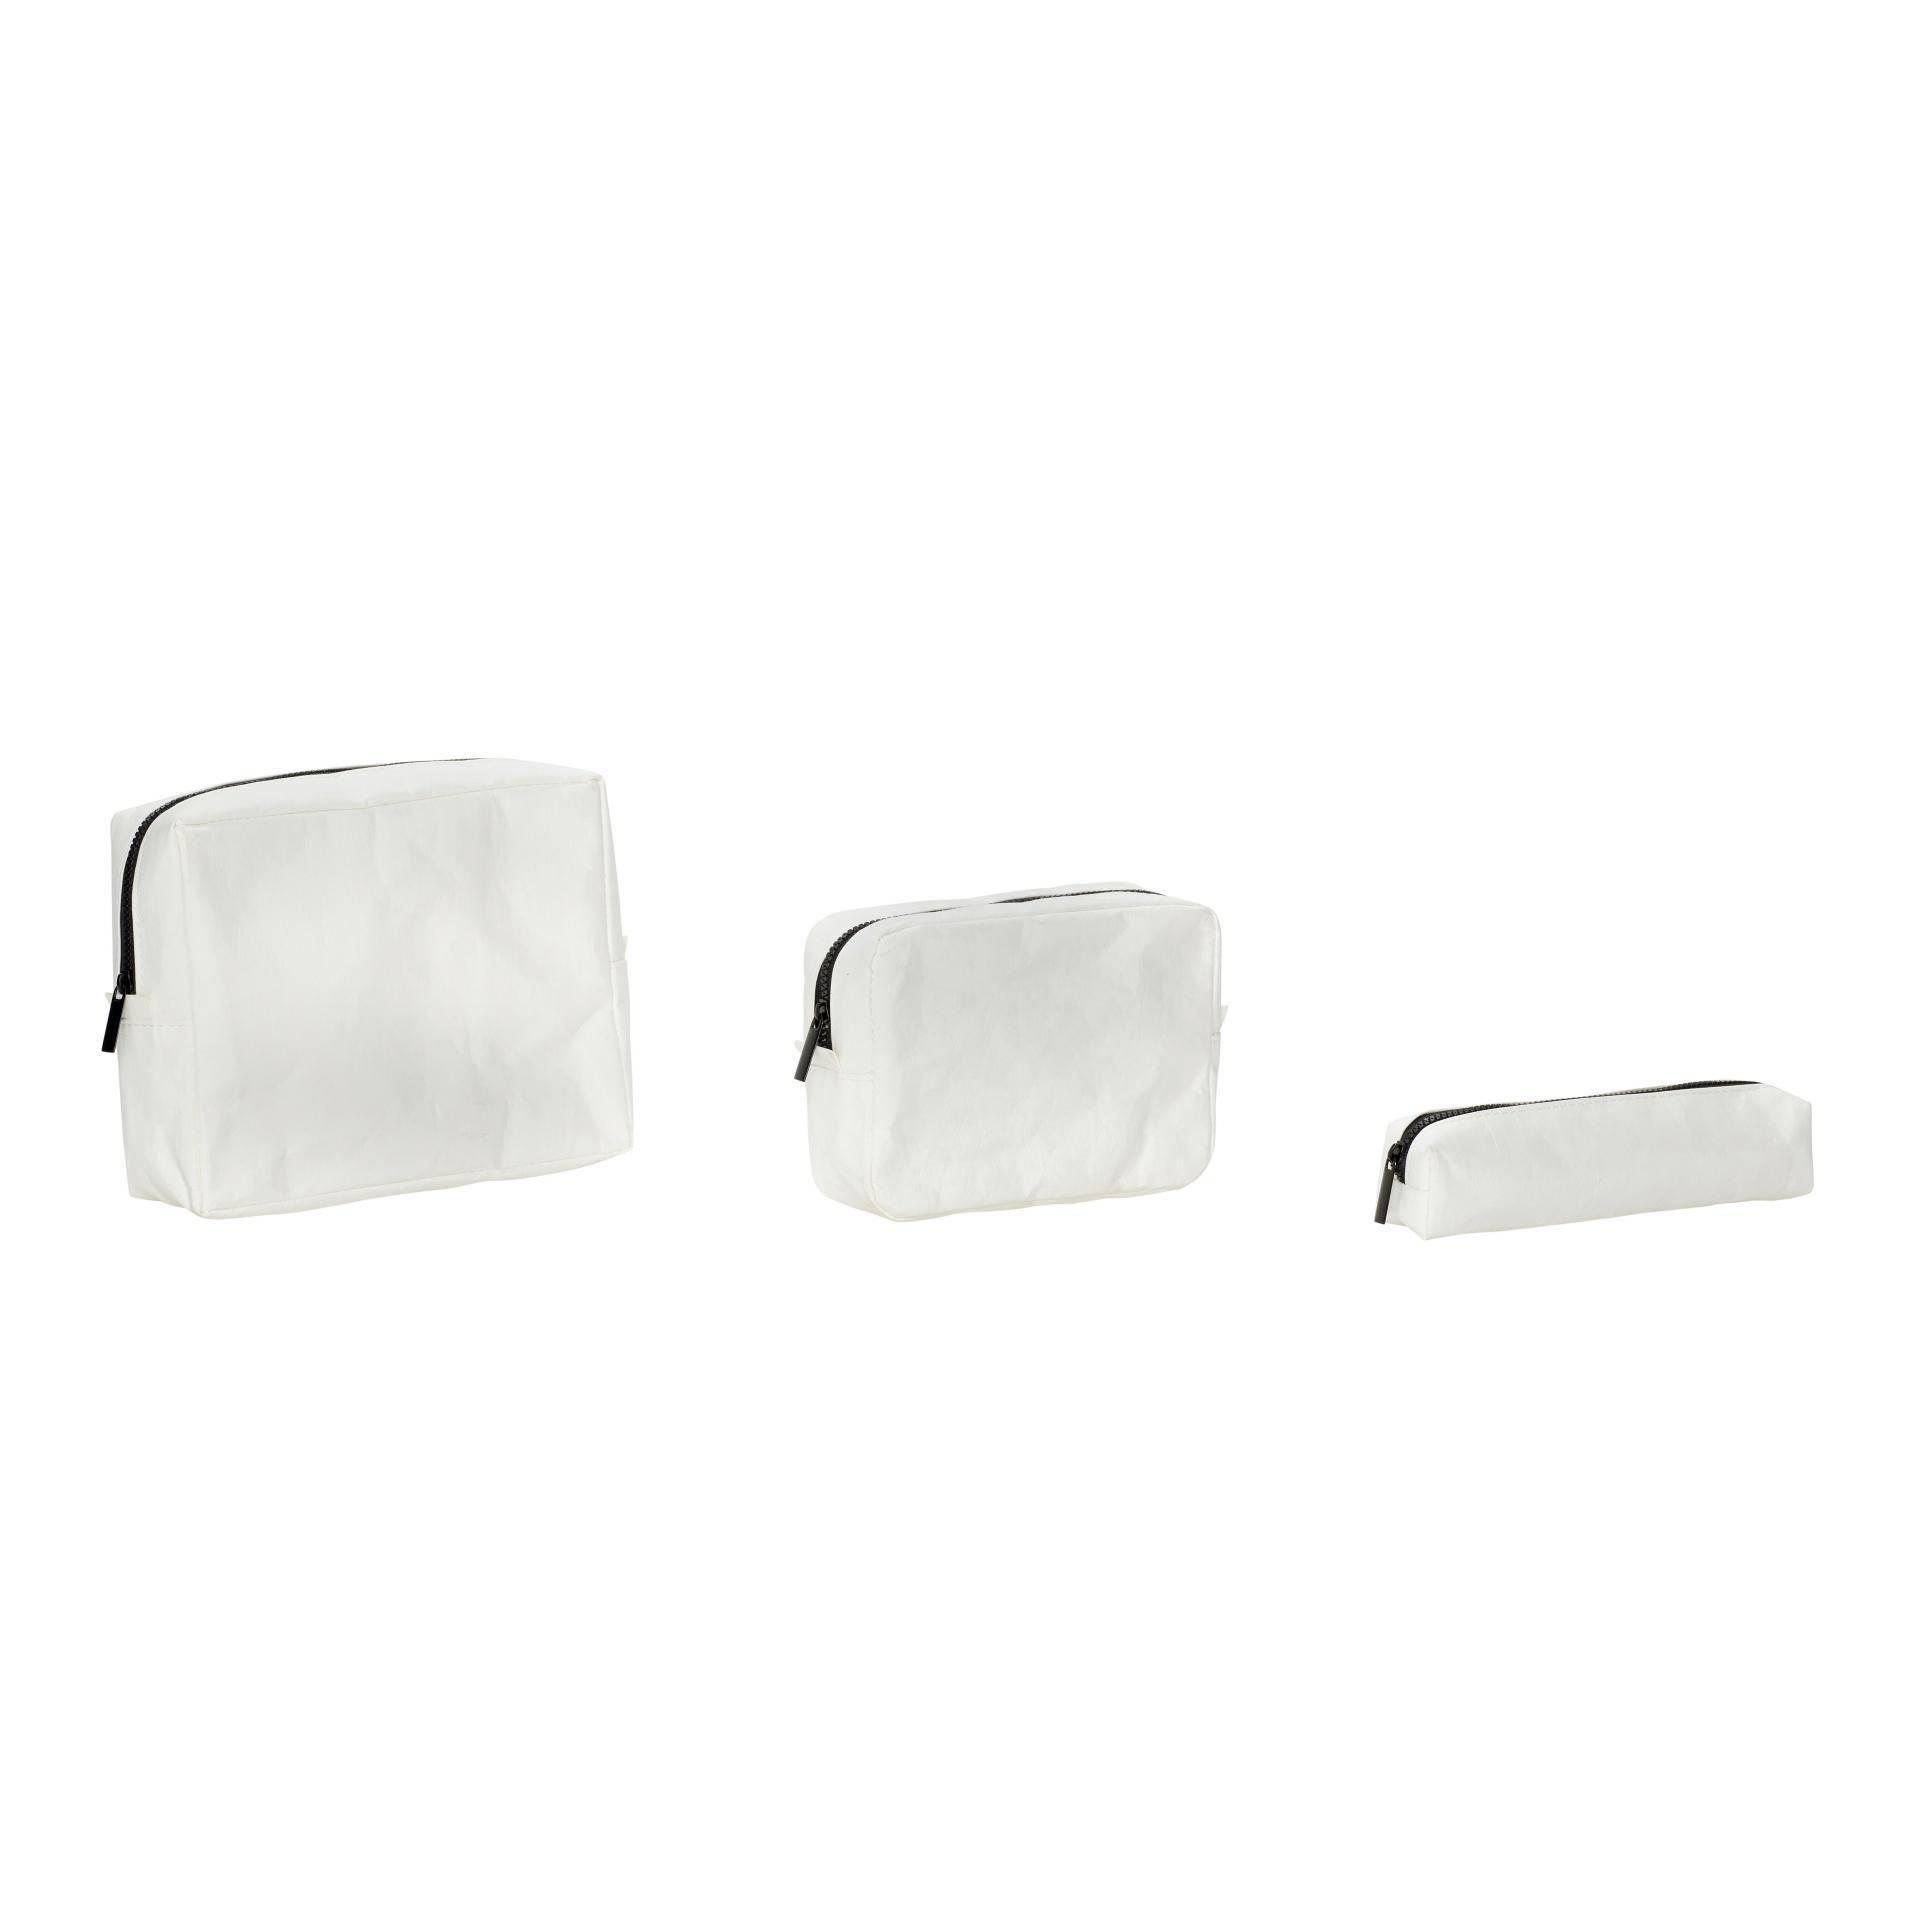 Hübsch Toaletní taštička White Velikost S, bílá barva, plast, papír